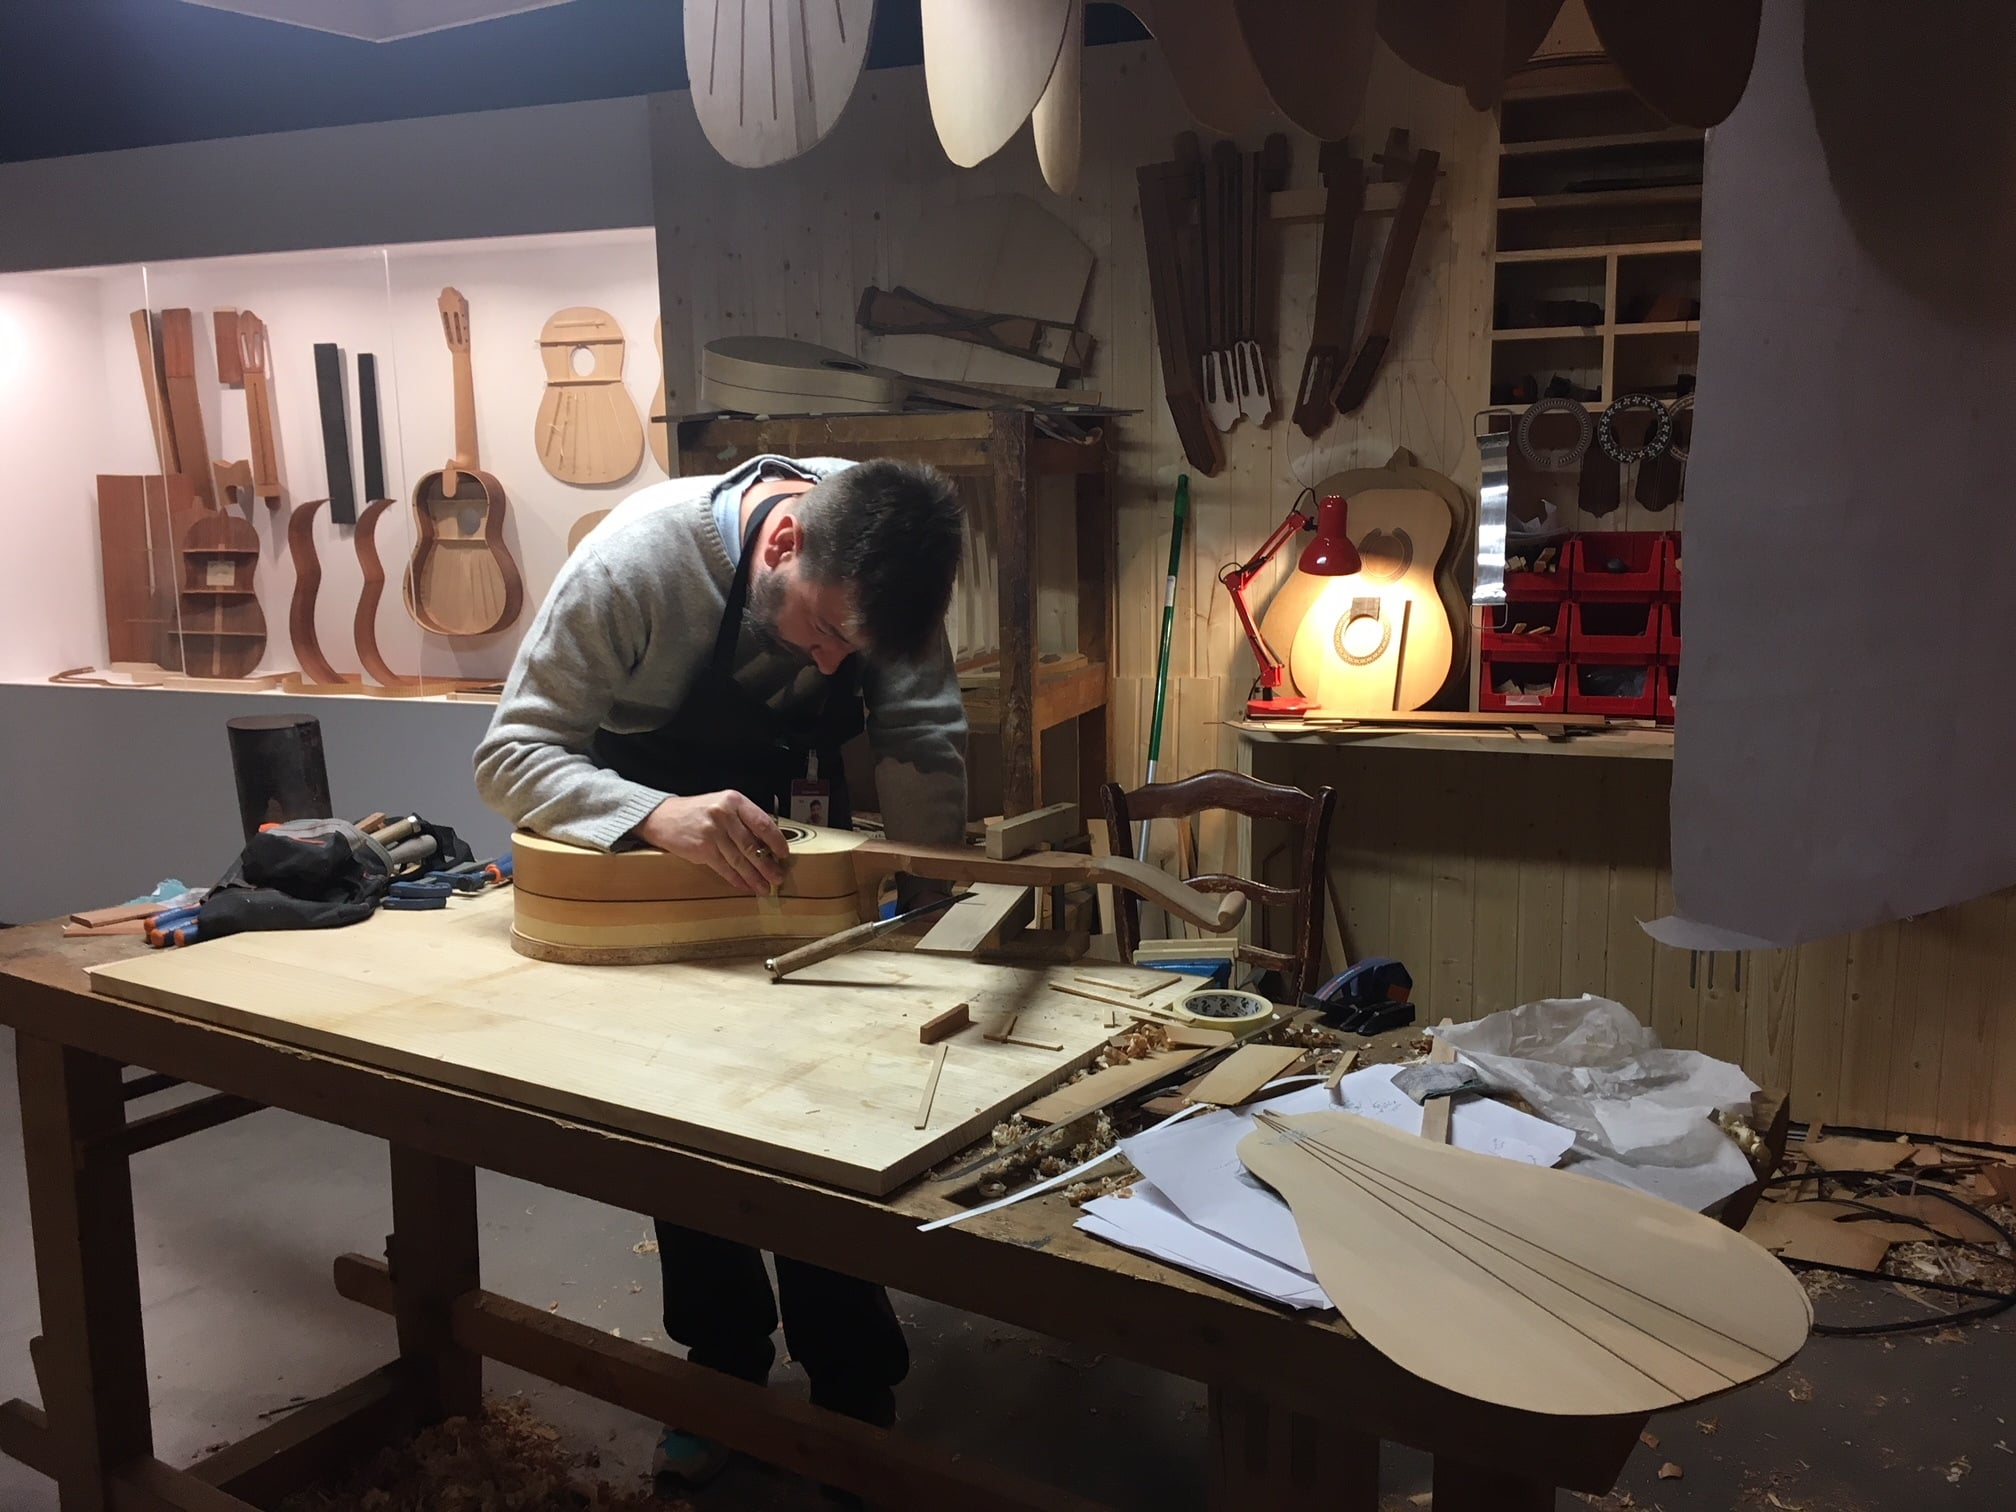 Guitarras artesanales para los sonidos más puros - Óscar Muñoz Sánchez, fabricante artesano de guitarras en Granada.